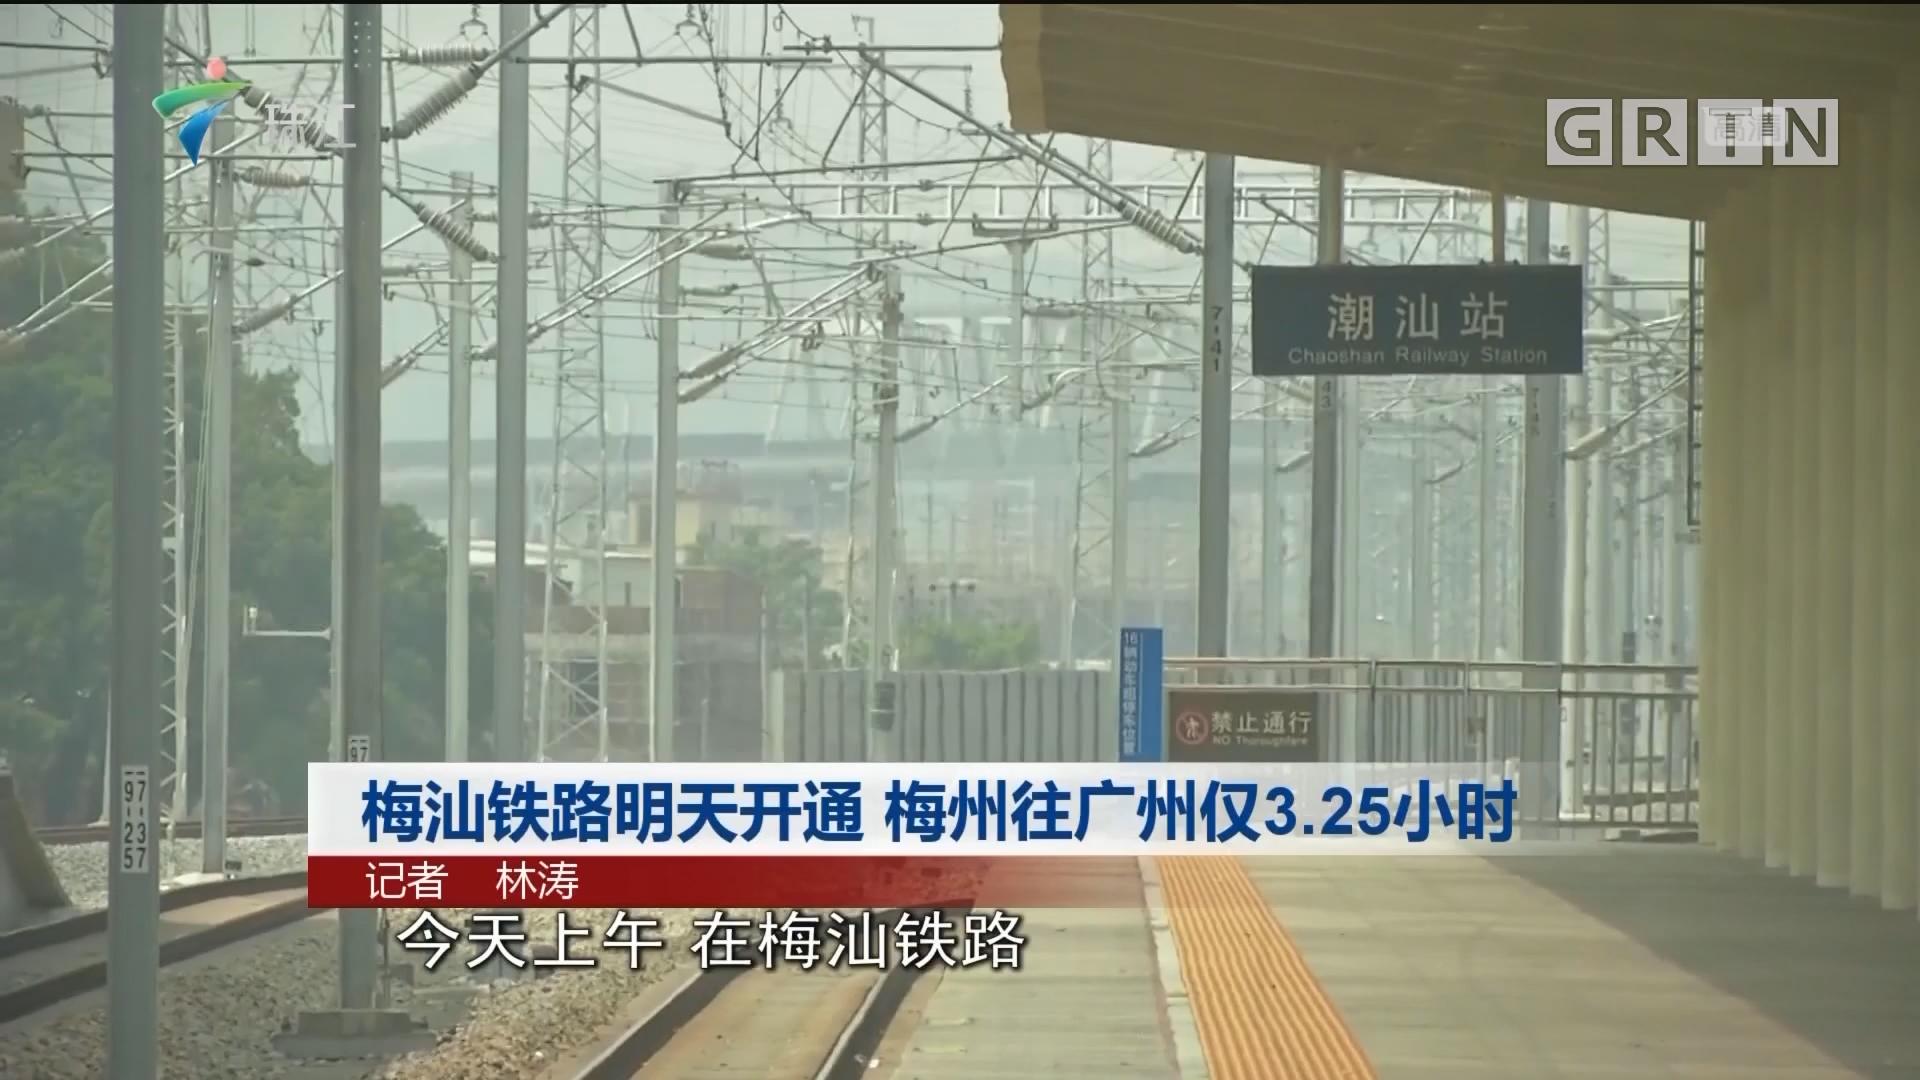 梅汕铁路明天开通 梅州往广州仅3.25小时